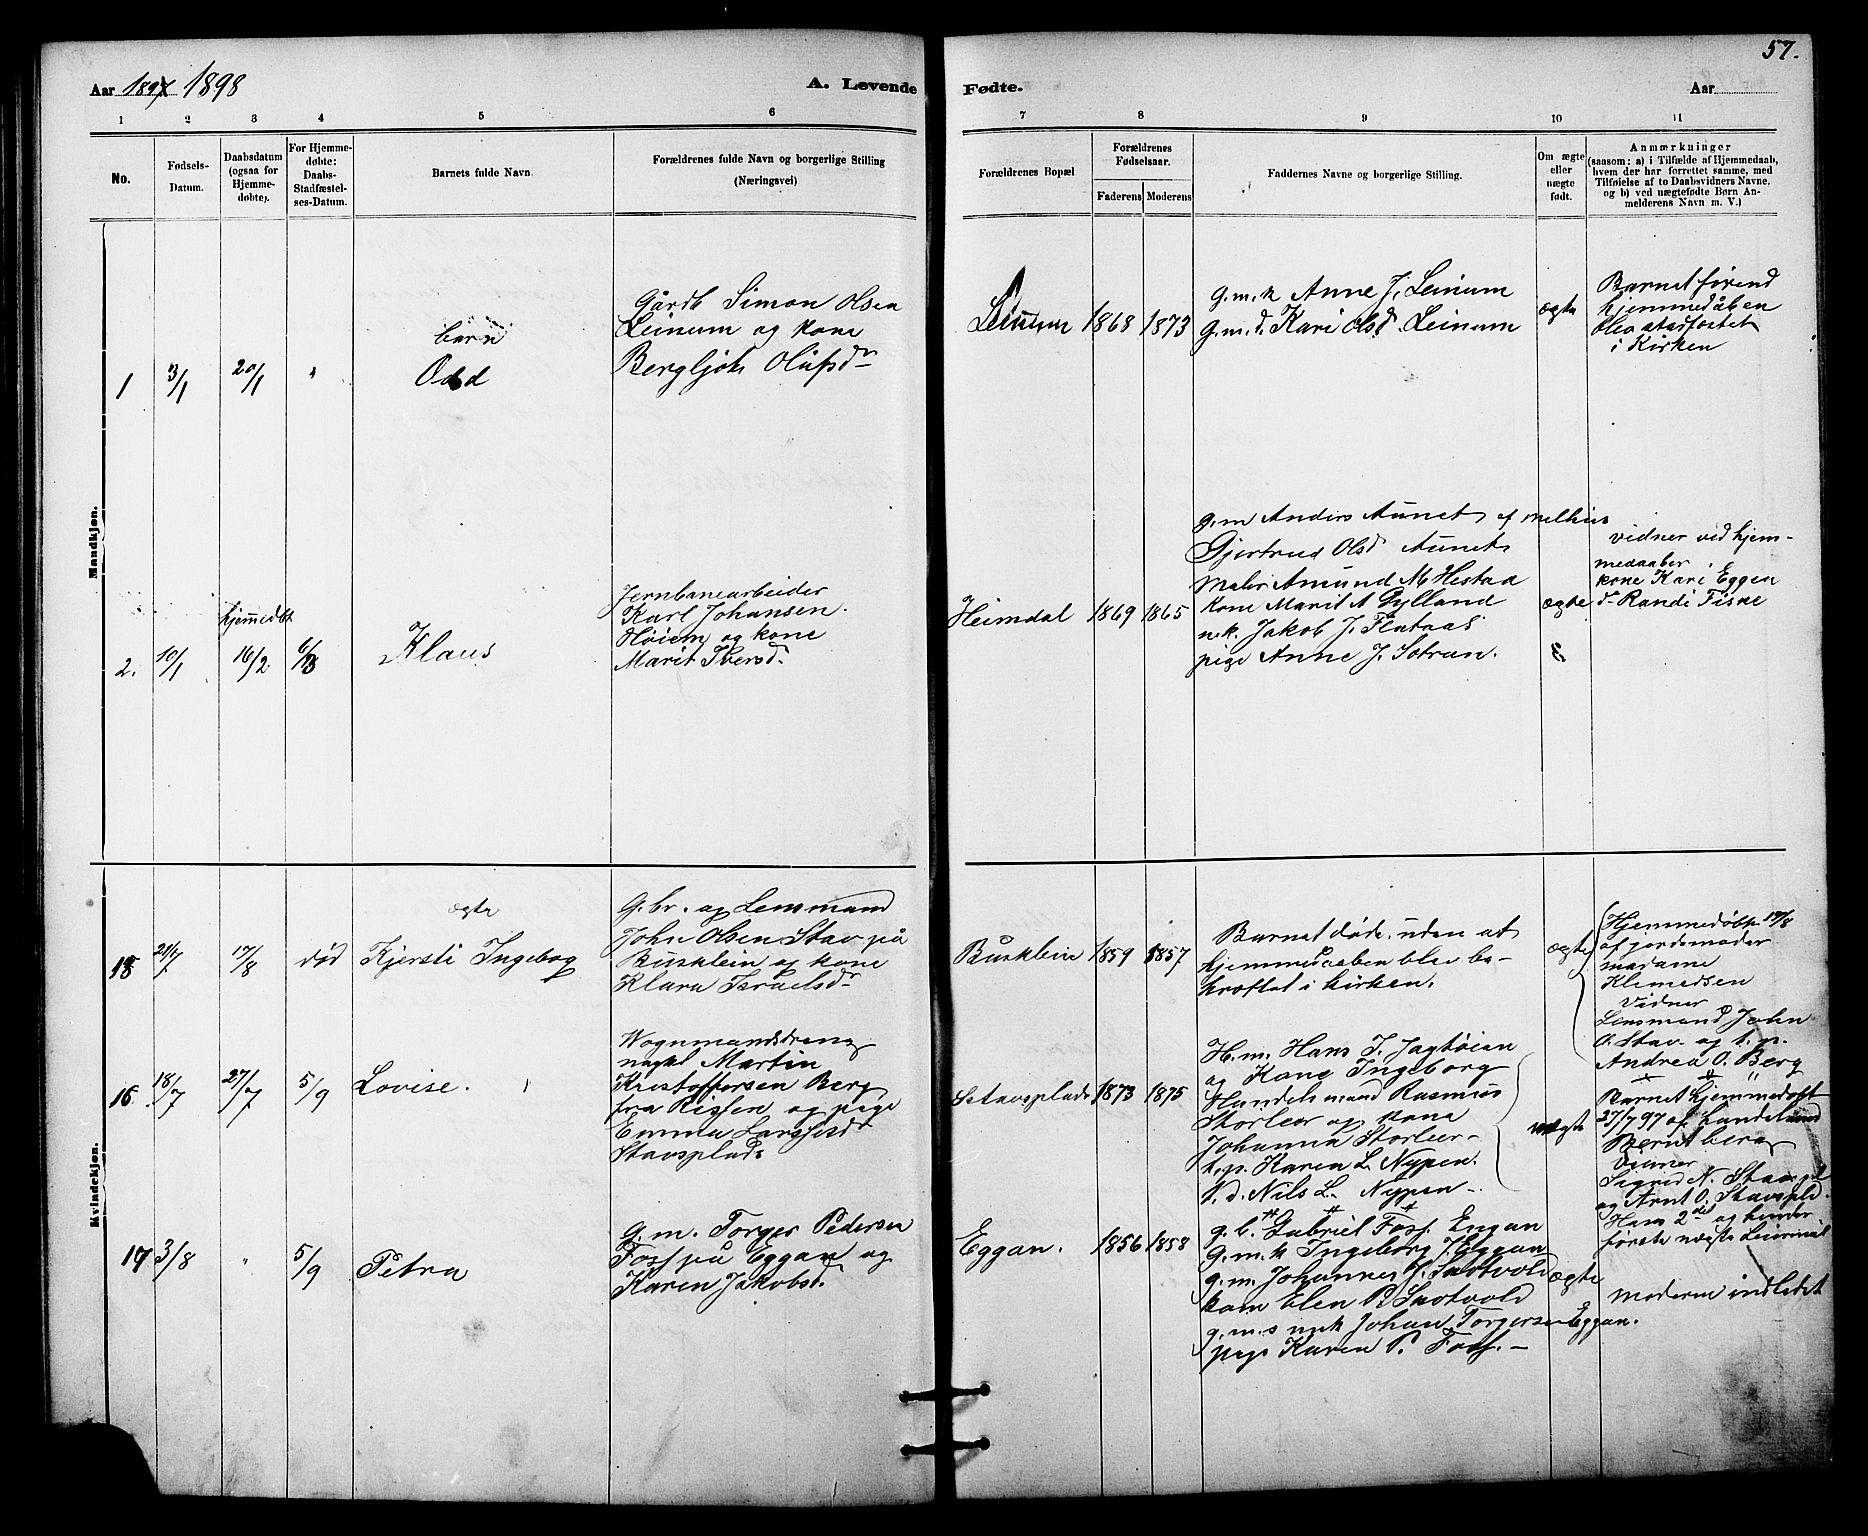 SAT, Ministerialprotokoller, klokkerbøker og fødselsregistre - Sør-Trøndelag, 613/L0395: Klokkerbok nr. 613C03, 1887-1909, s. 57